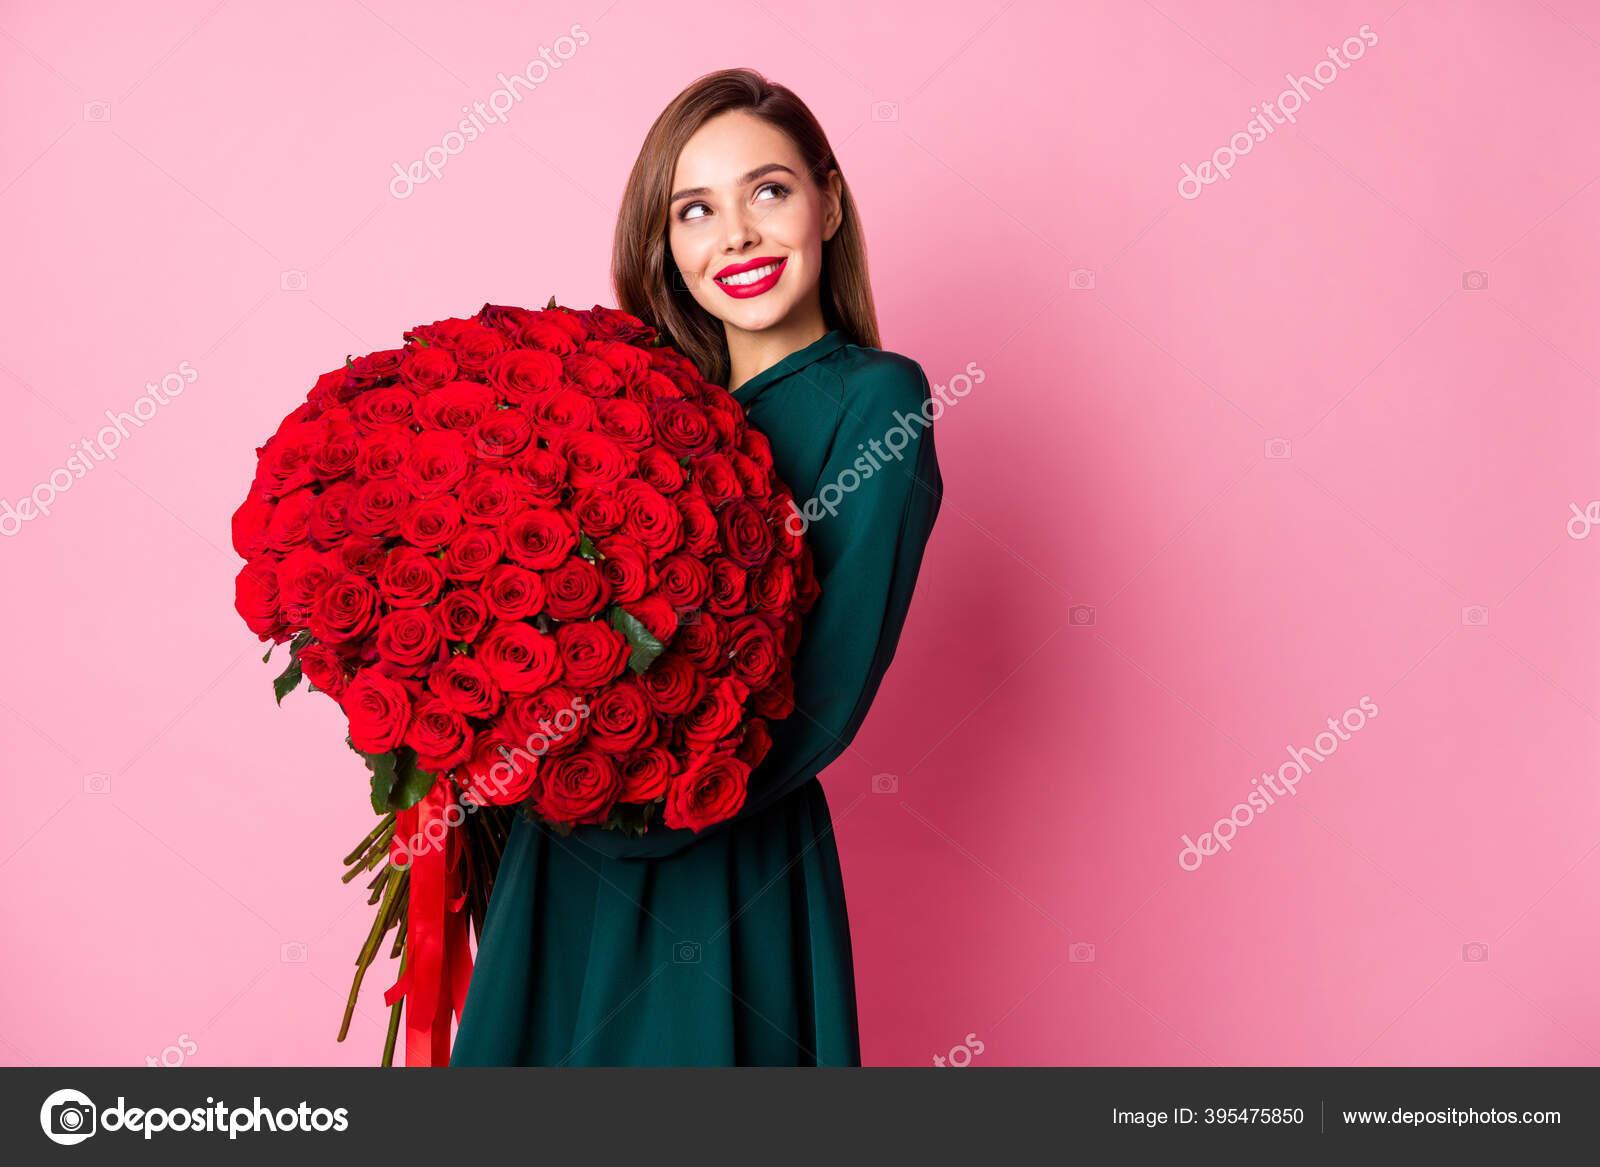 foto von attraktiven dame rot hell lippenstift halten große